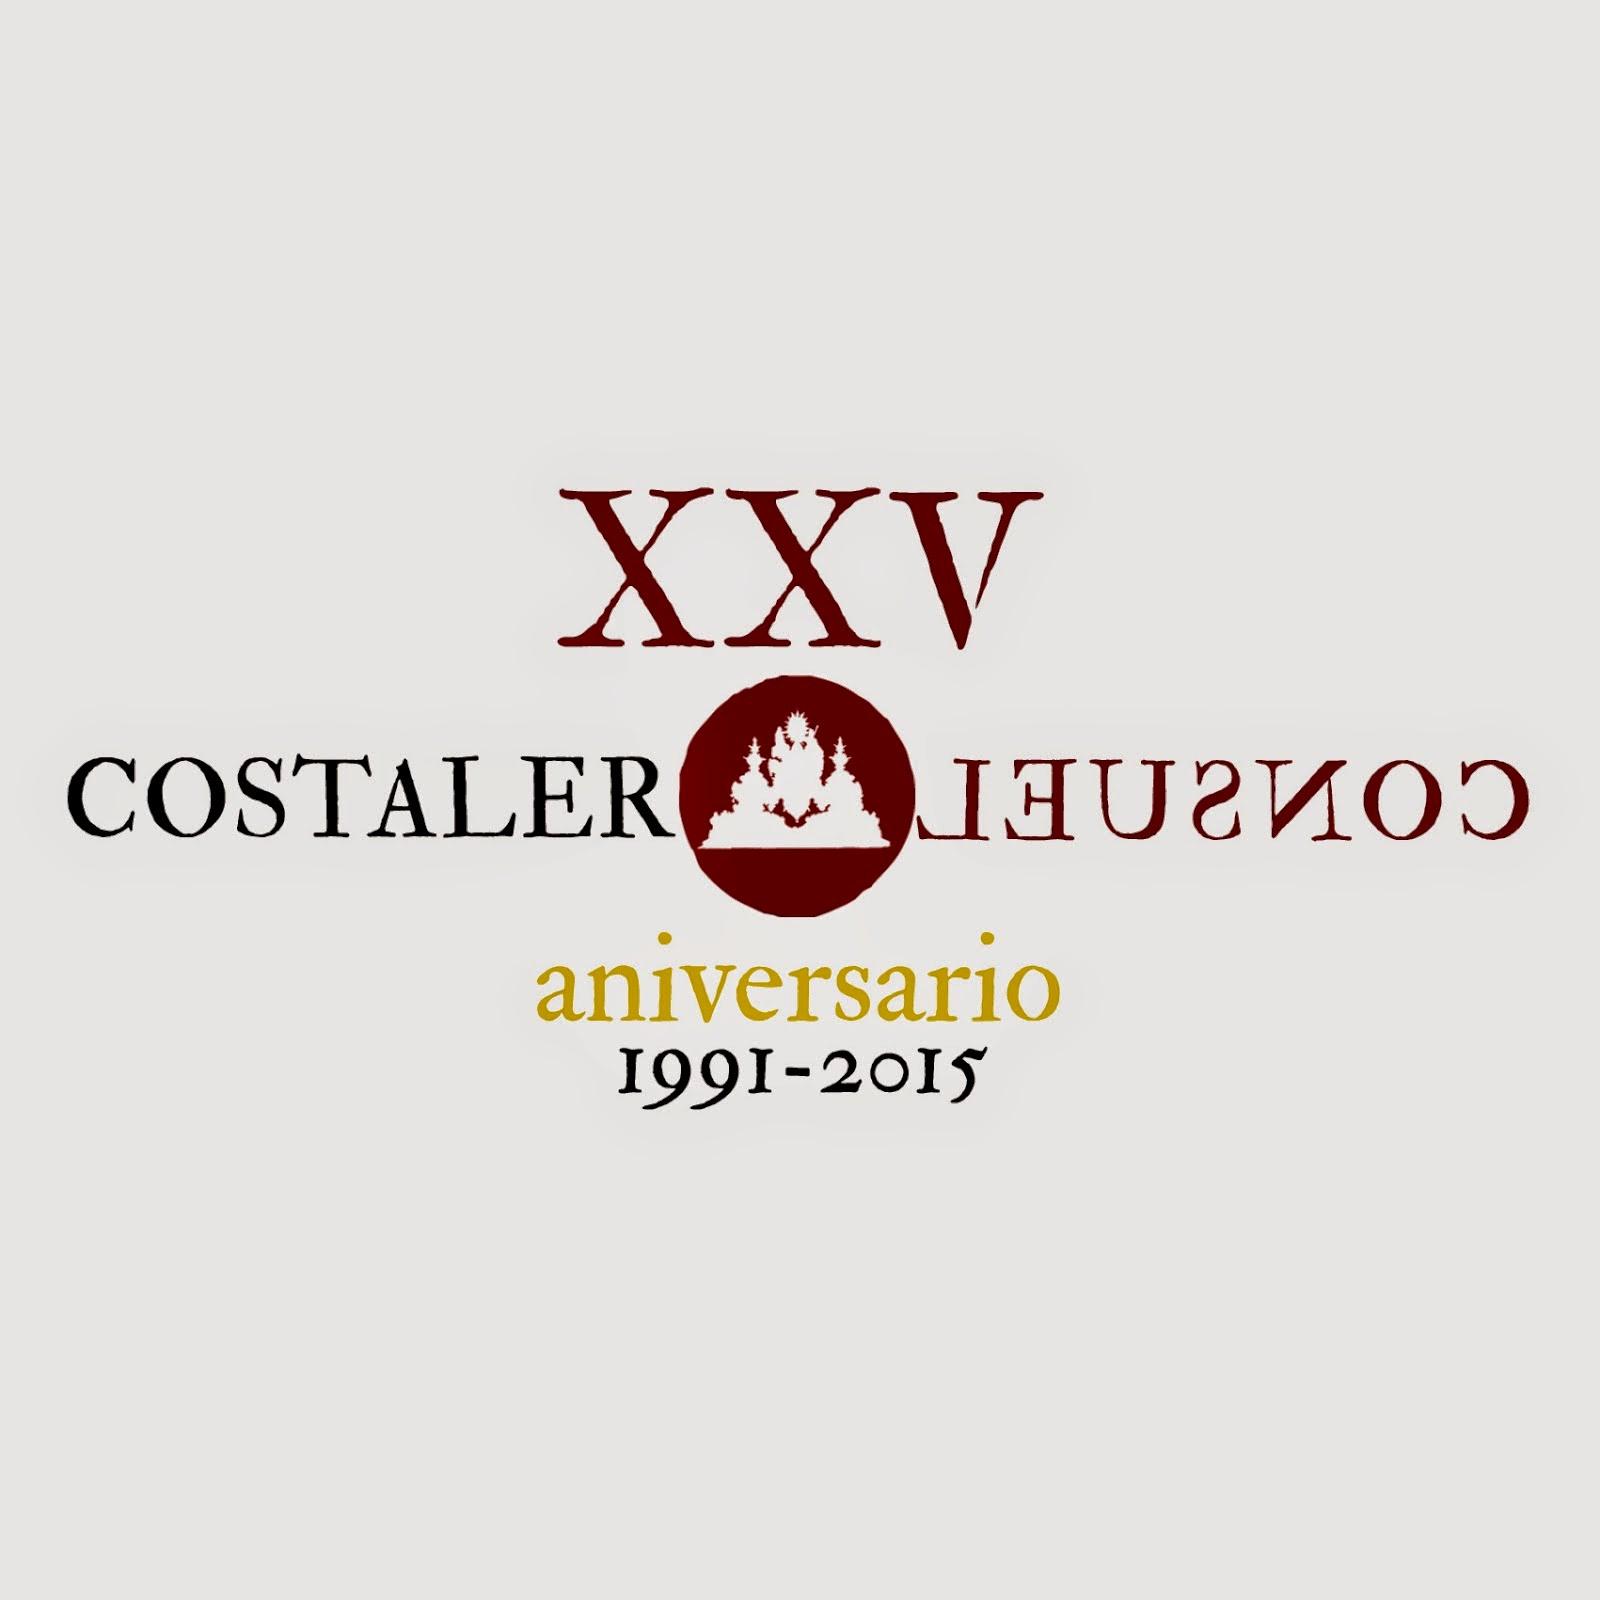 XXV ANIVERARIO CUADRILLA DEL CONSUELO